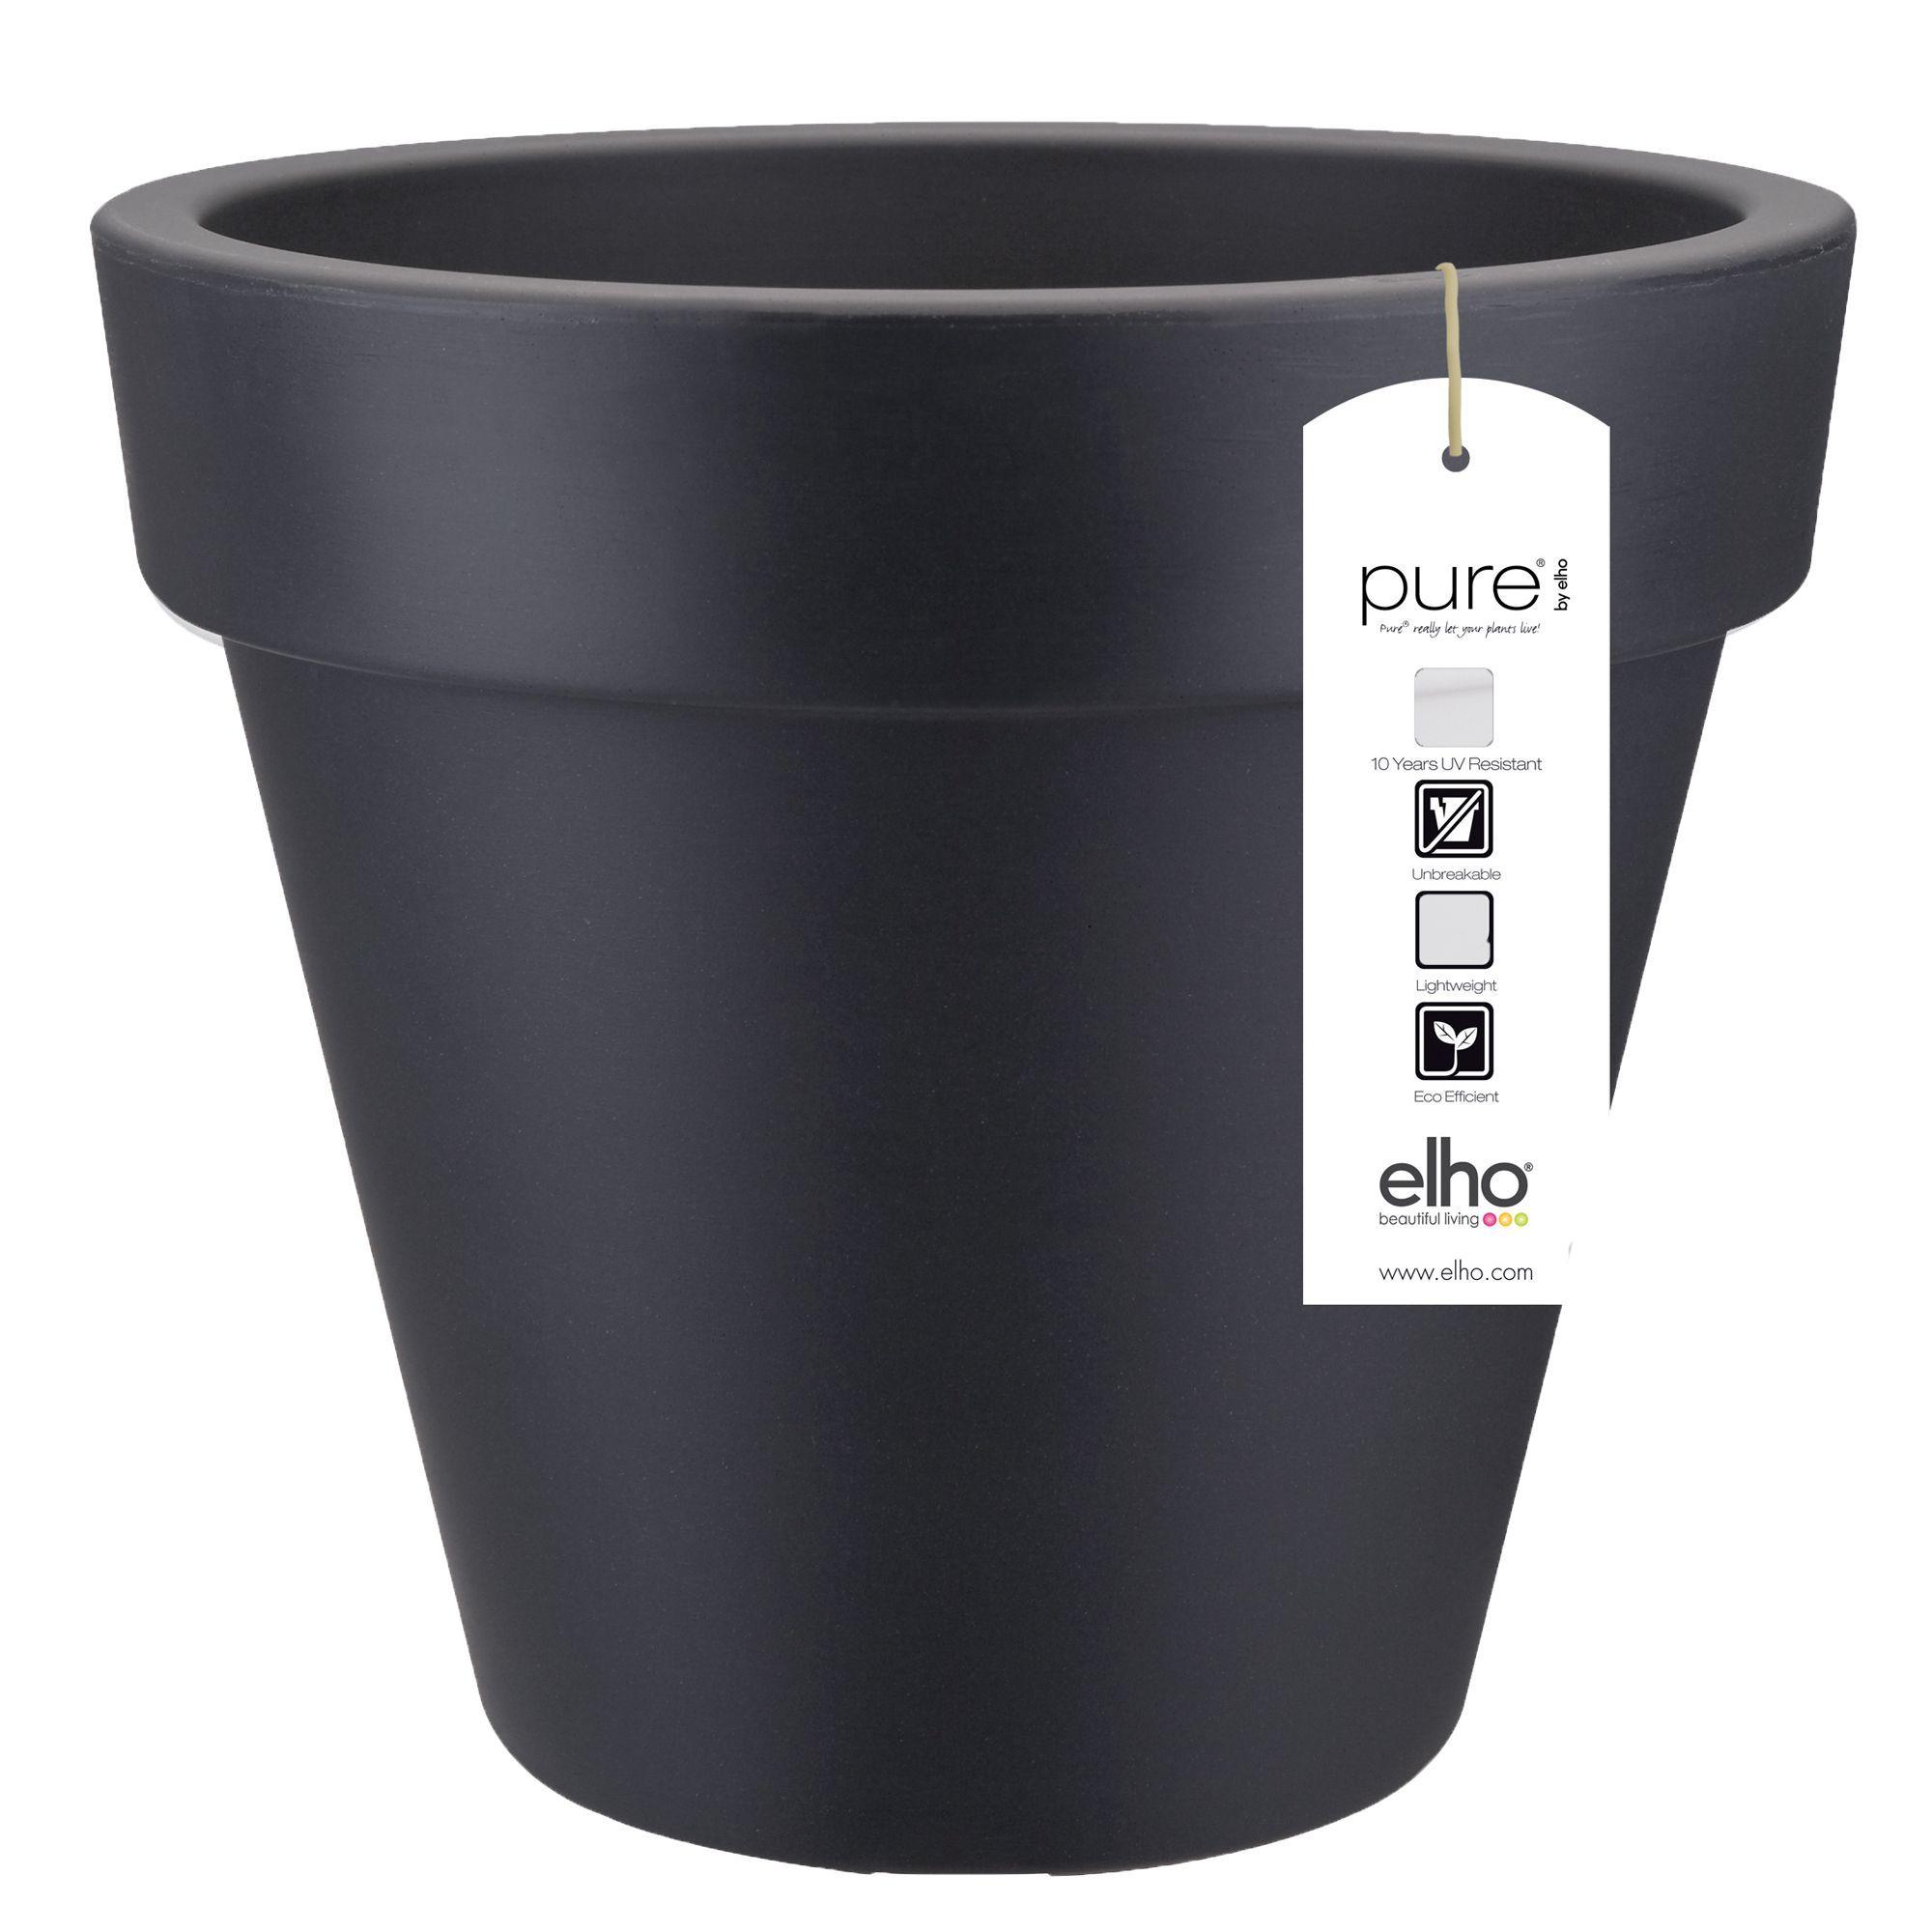 Pure jardin Cache-pot Elho gris foncé en plastique H89xD100cm ...